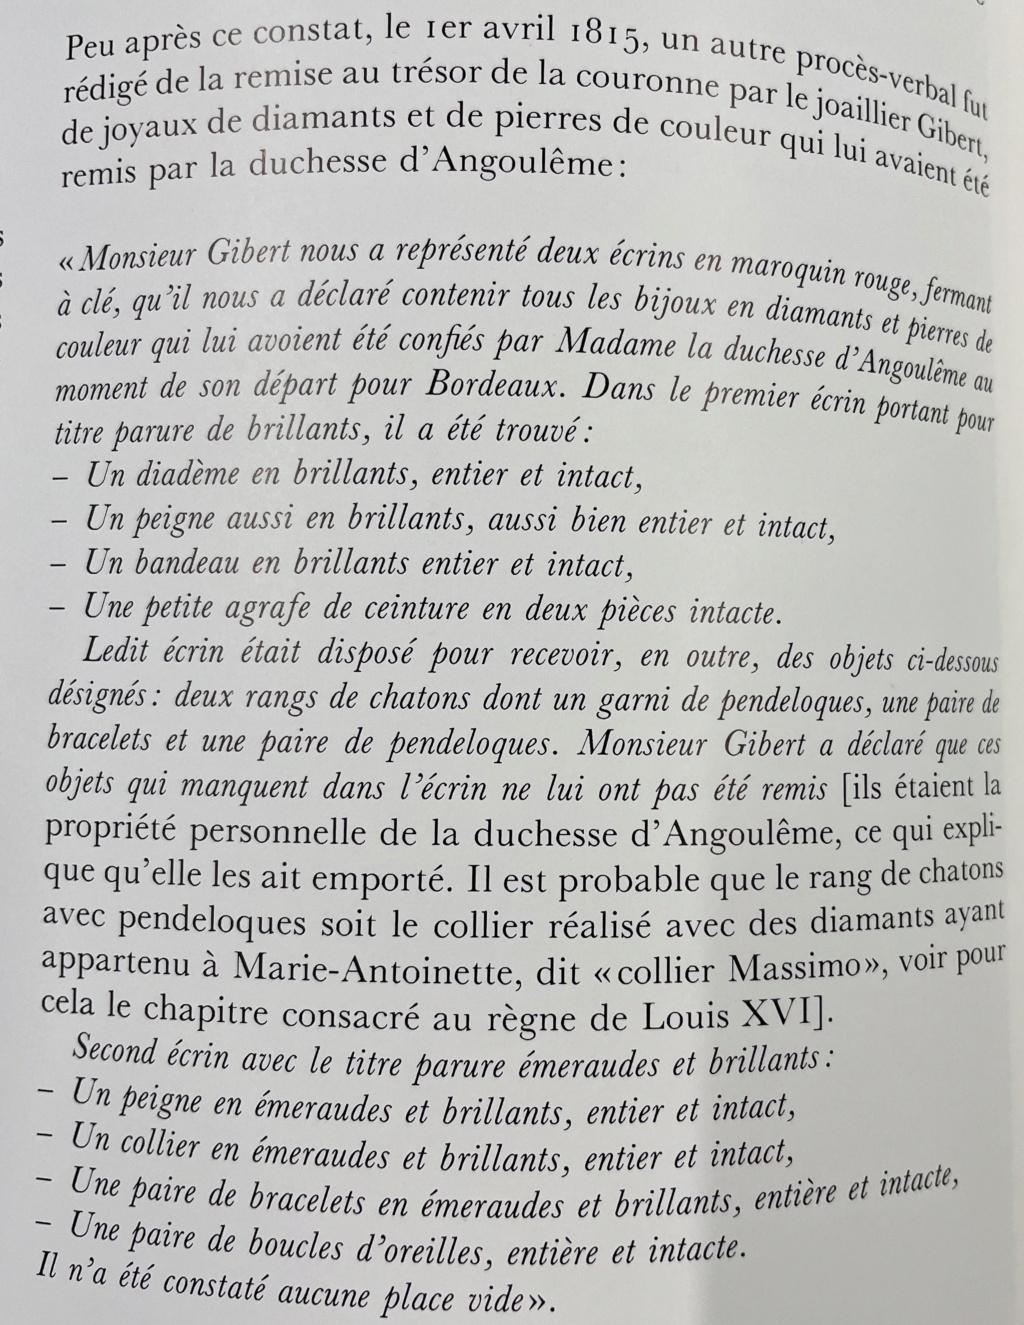 Bijoux de Marie-Antoinette : bracelets de diamants  - Page 2 04970410